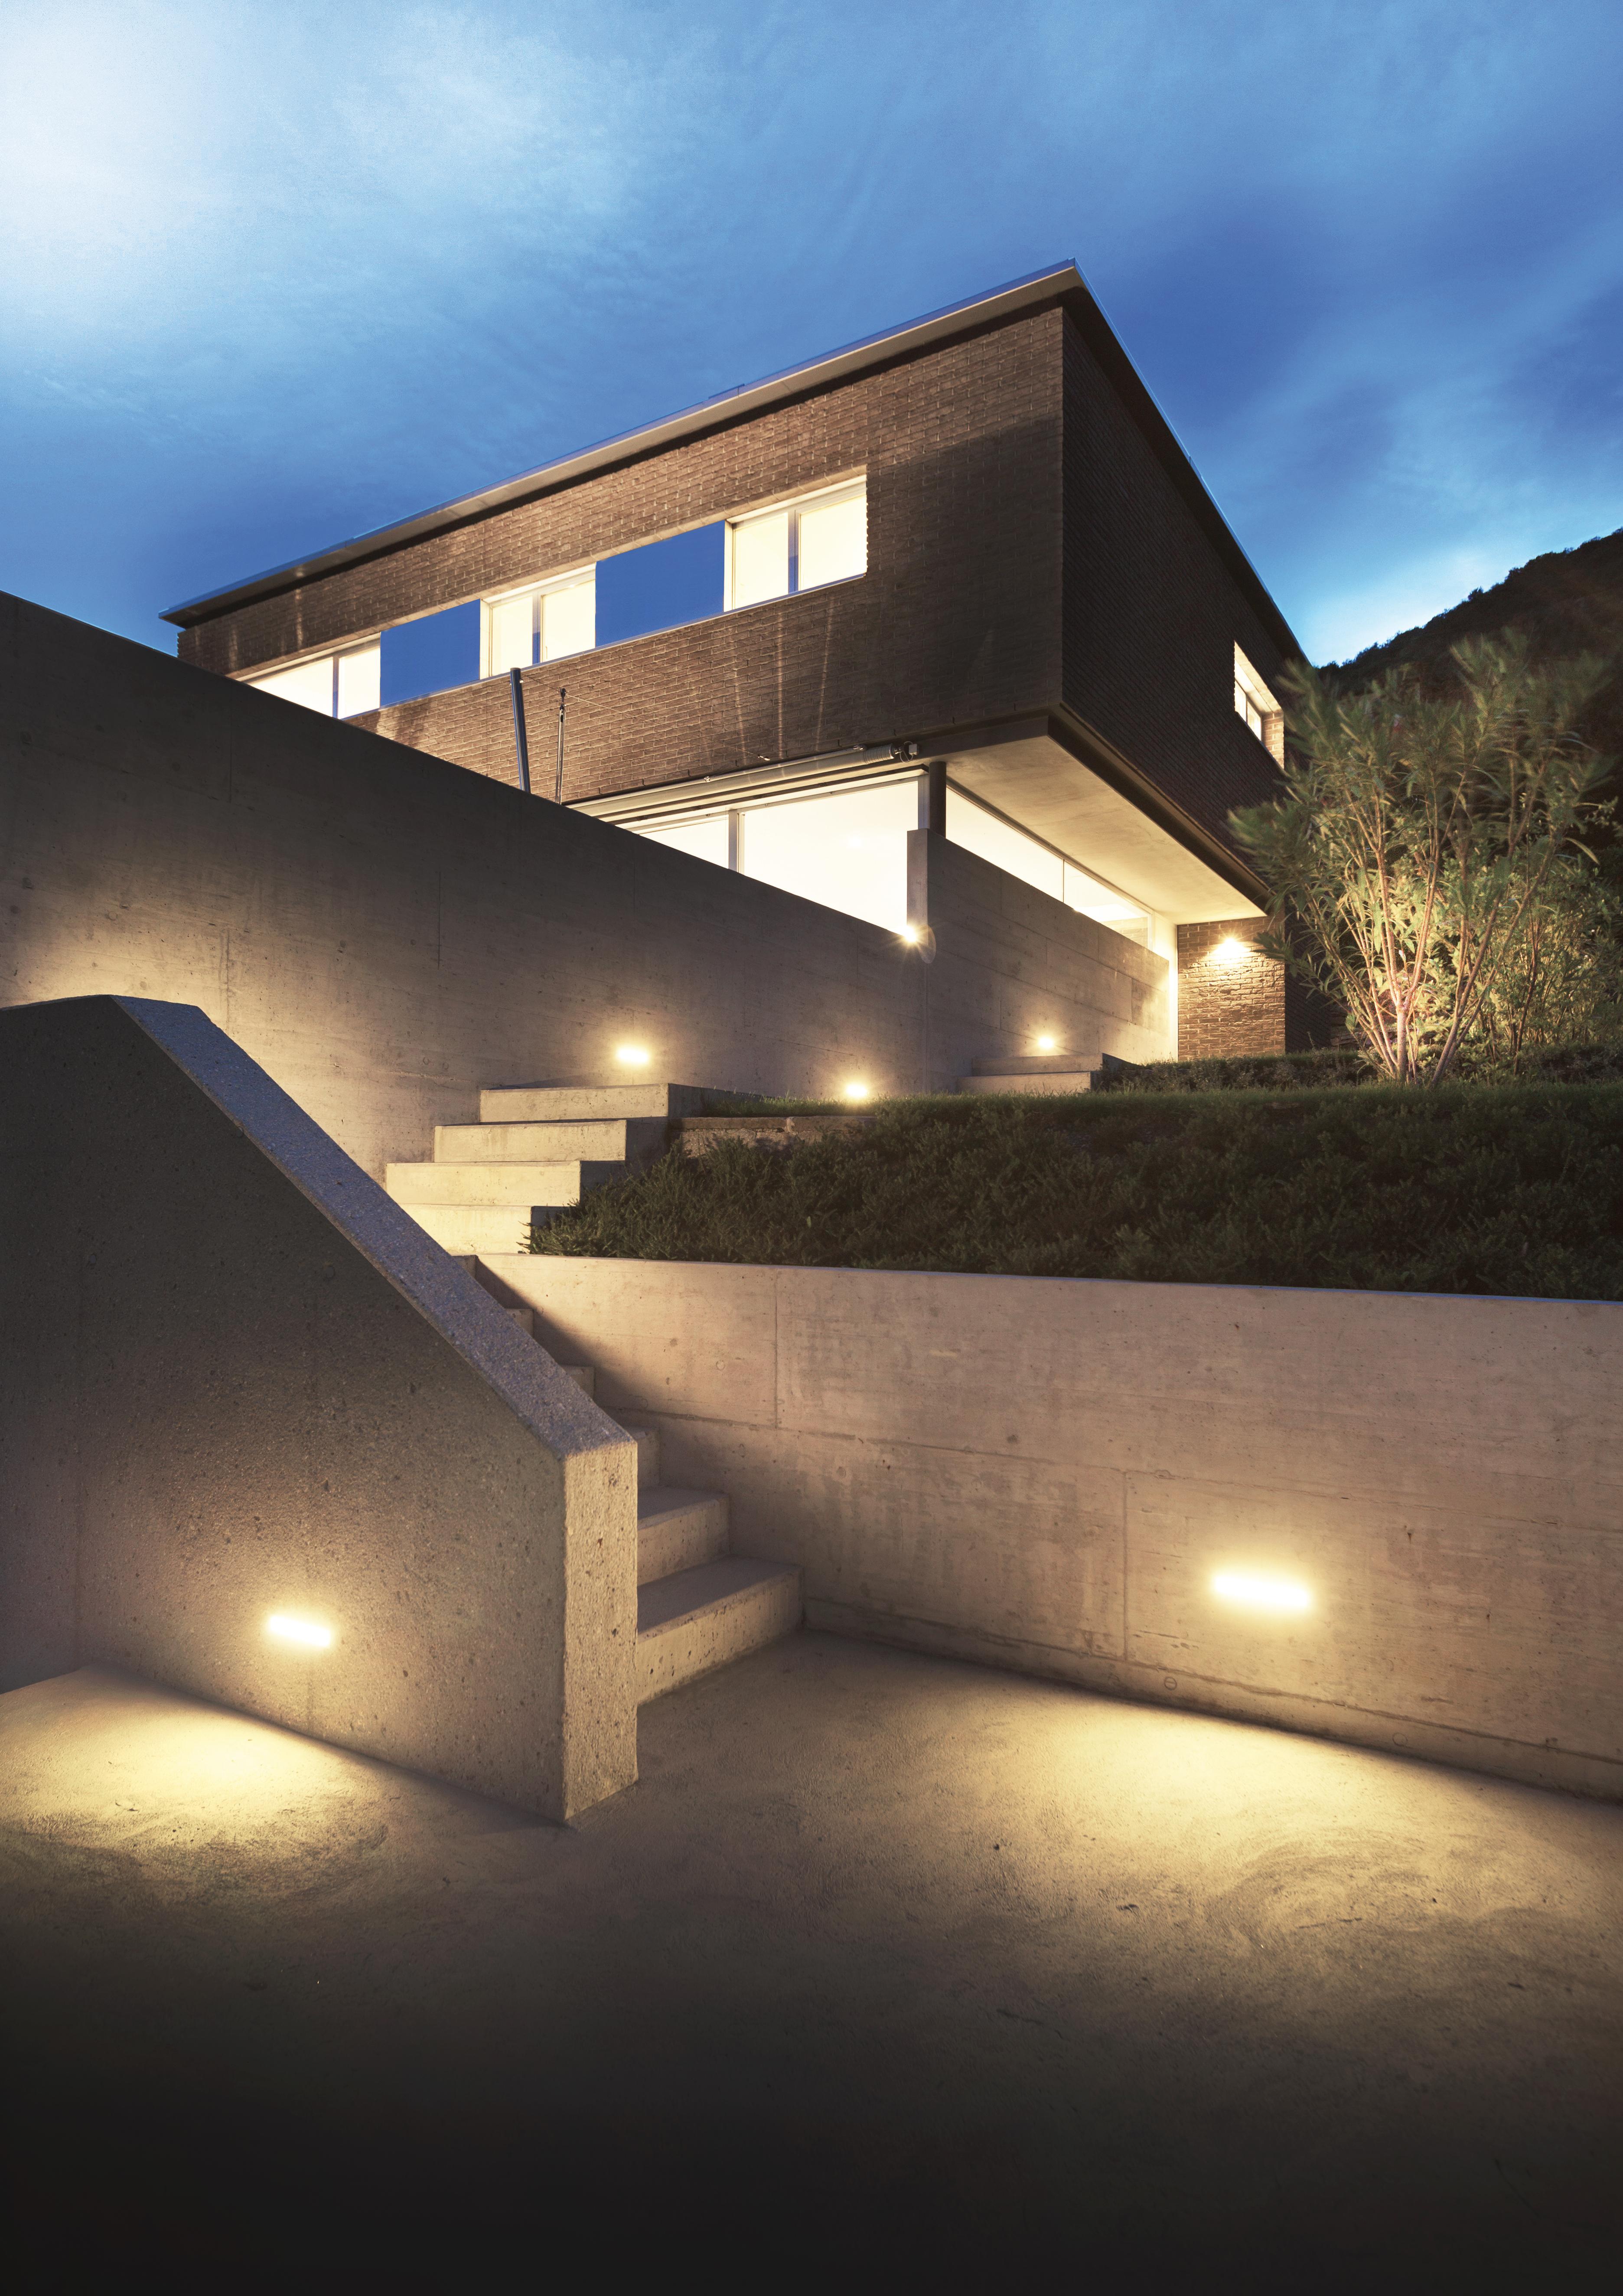 Architectural Lighting In Unique Design